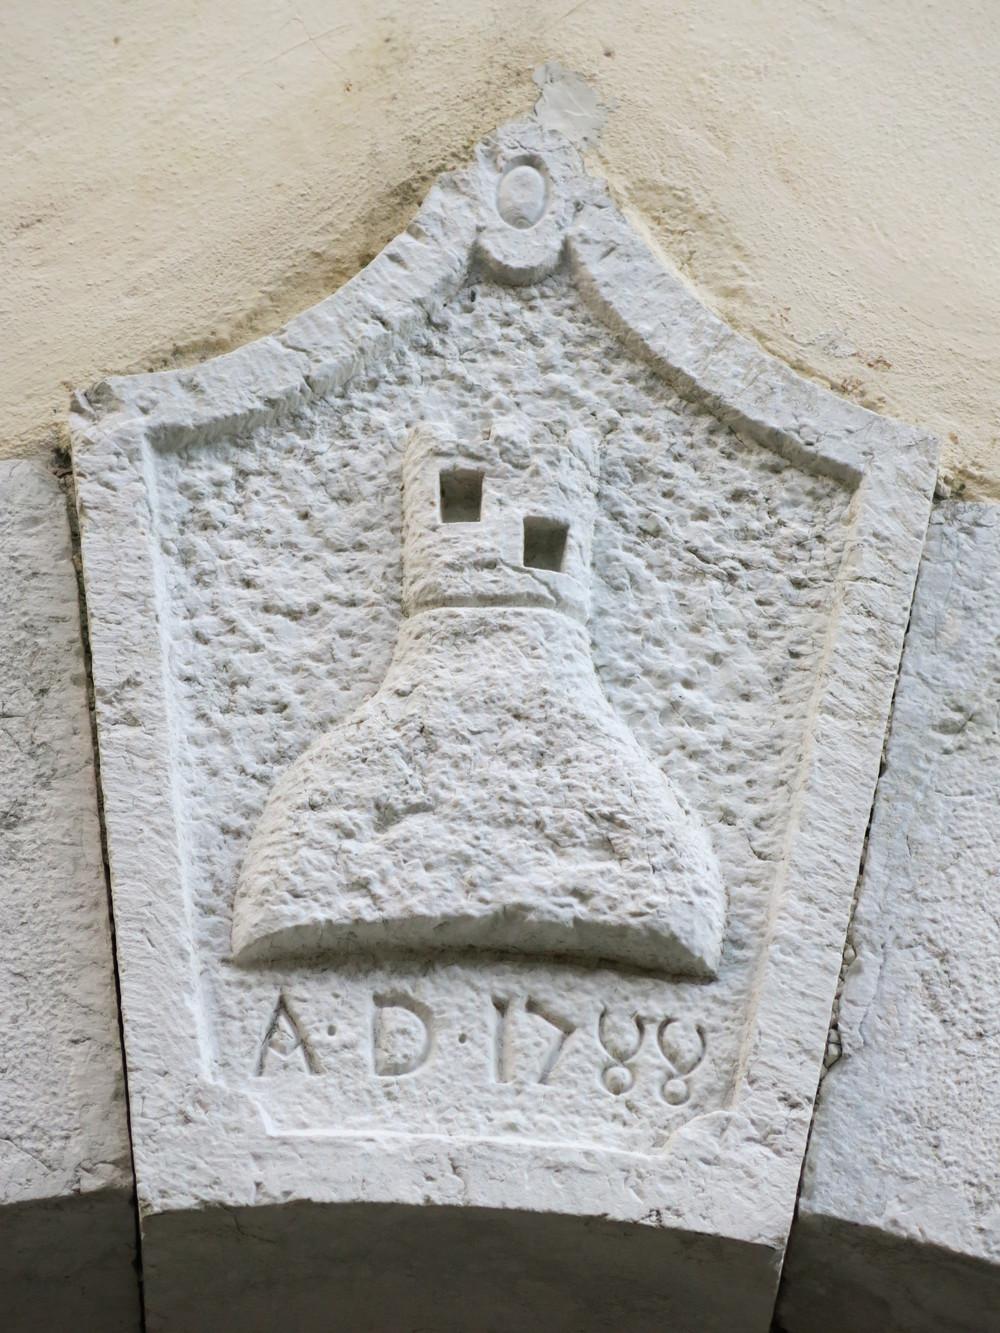 Pepe In Grani, Caiazzo